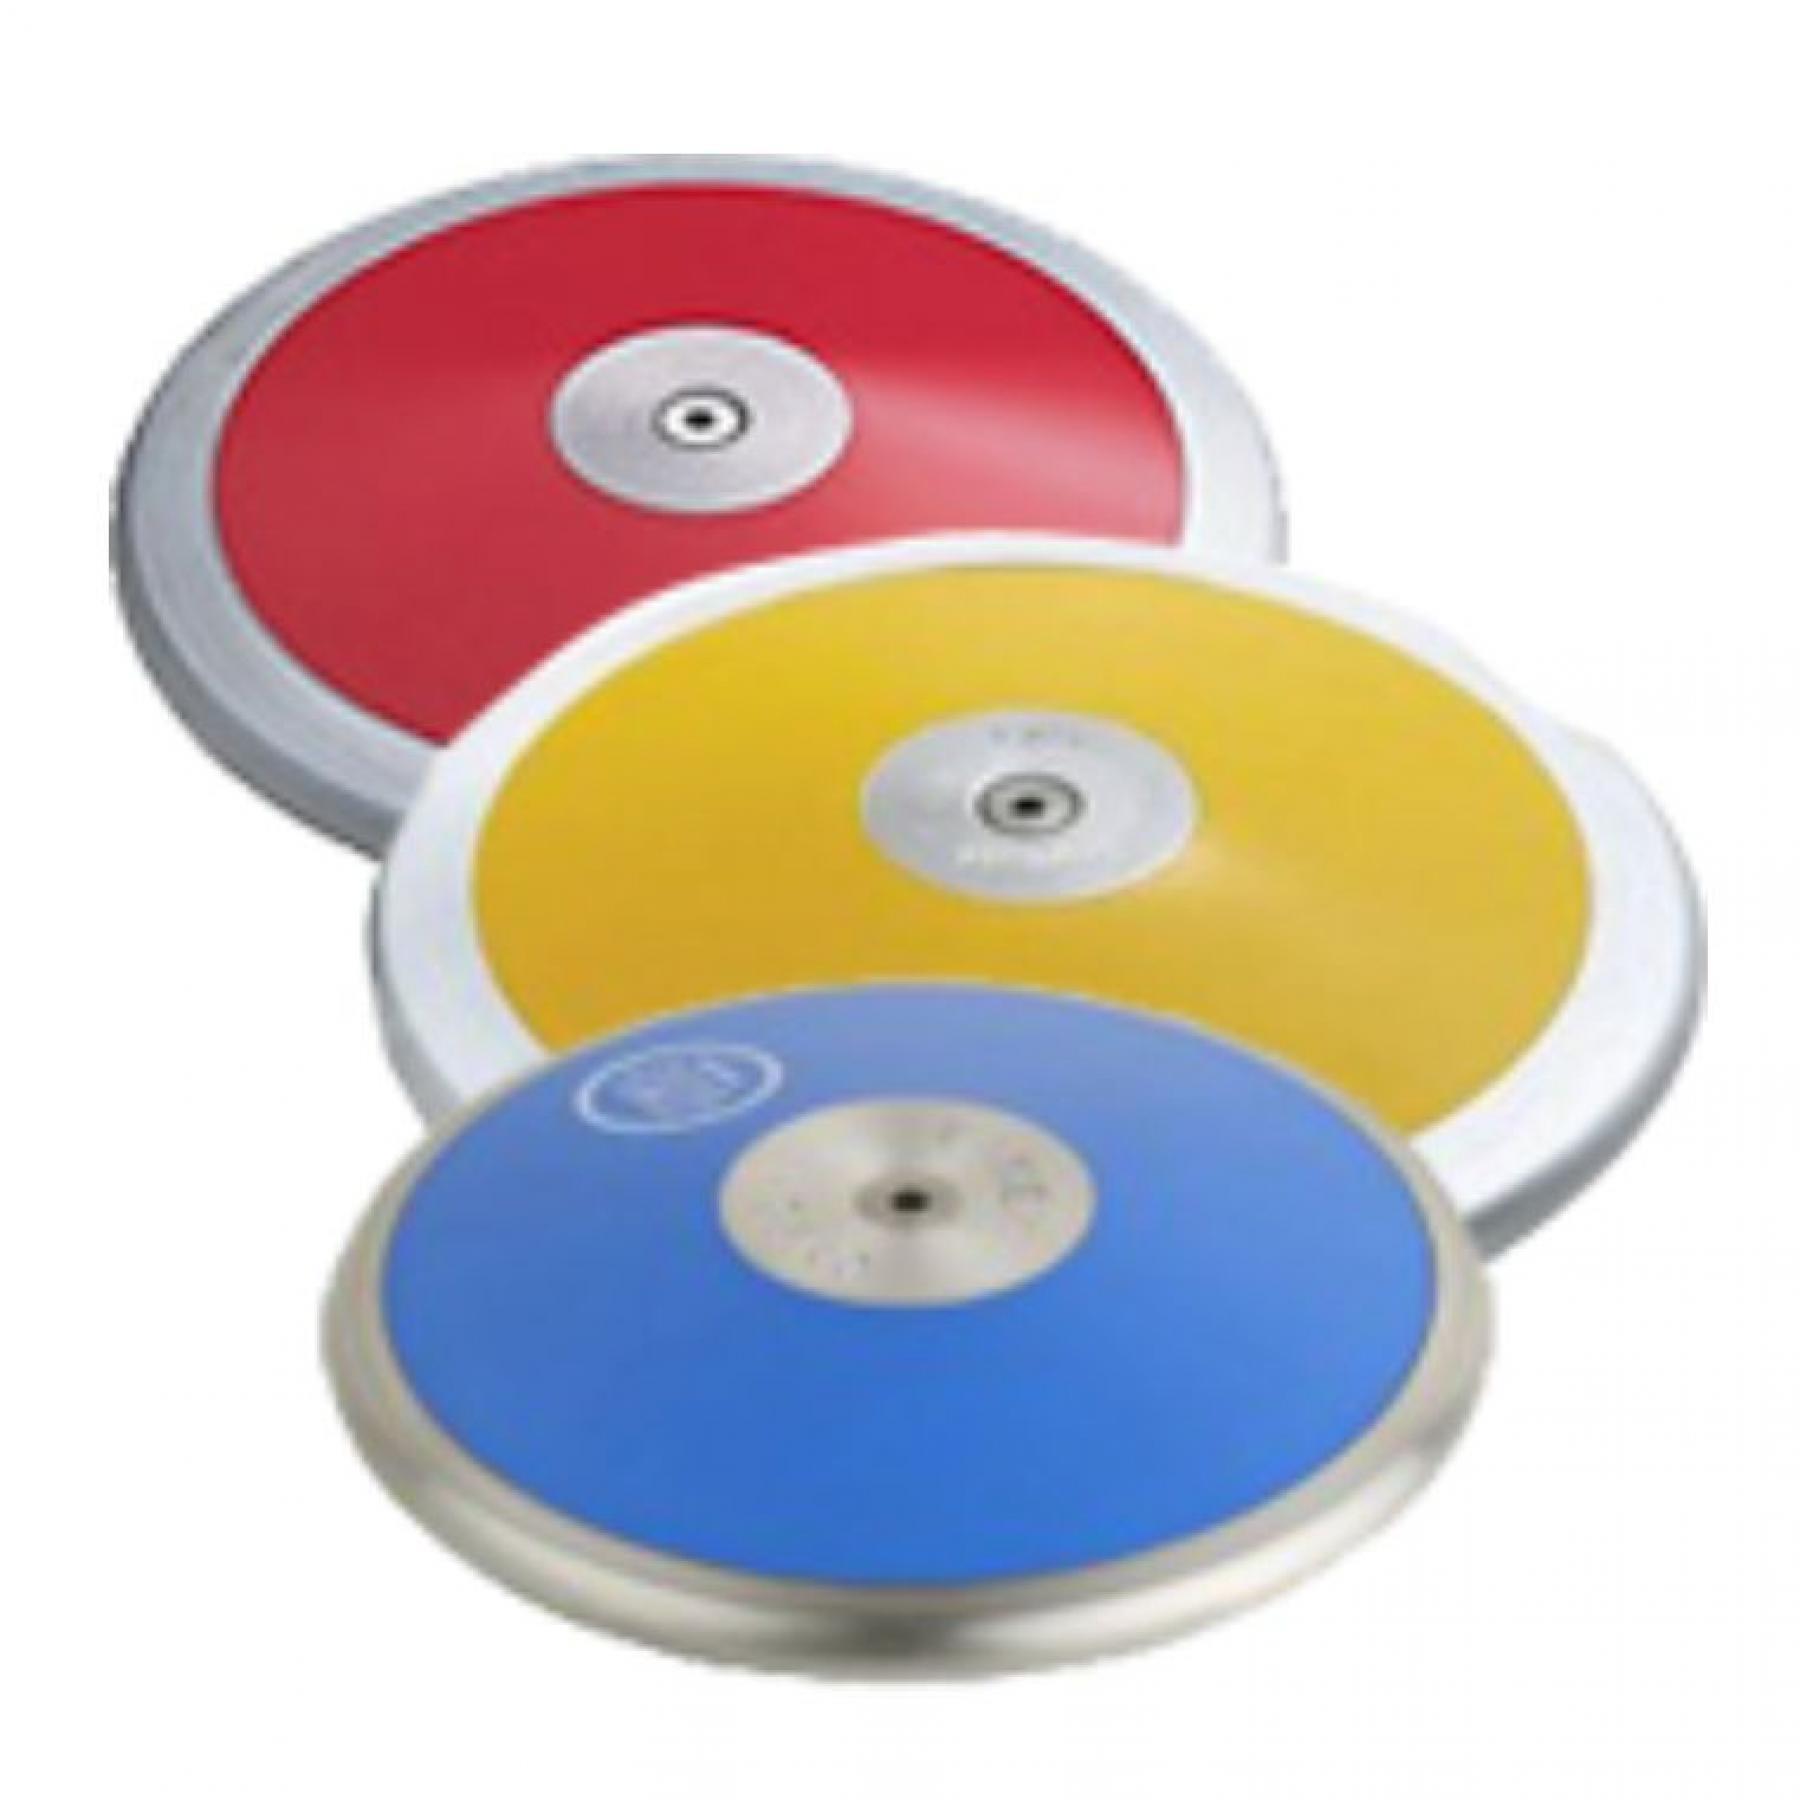 Discus Comp 1.5kg